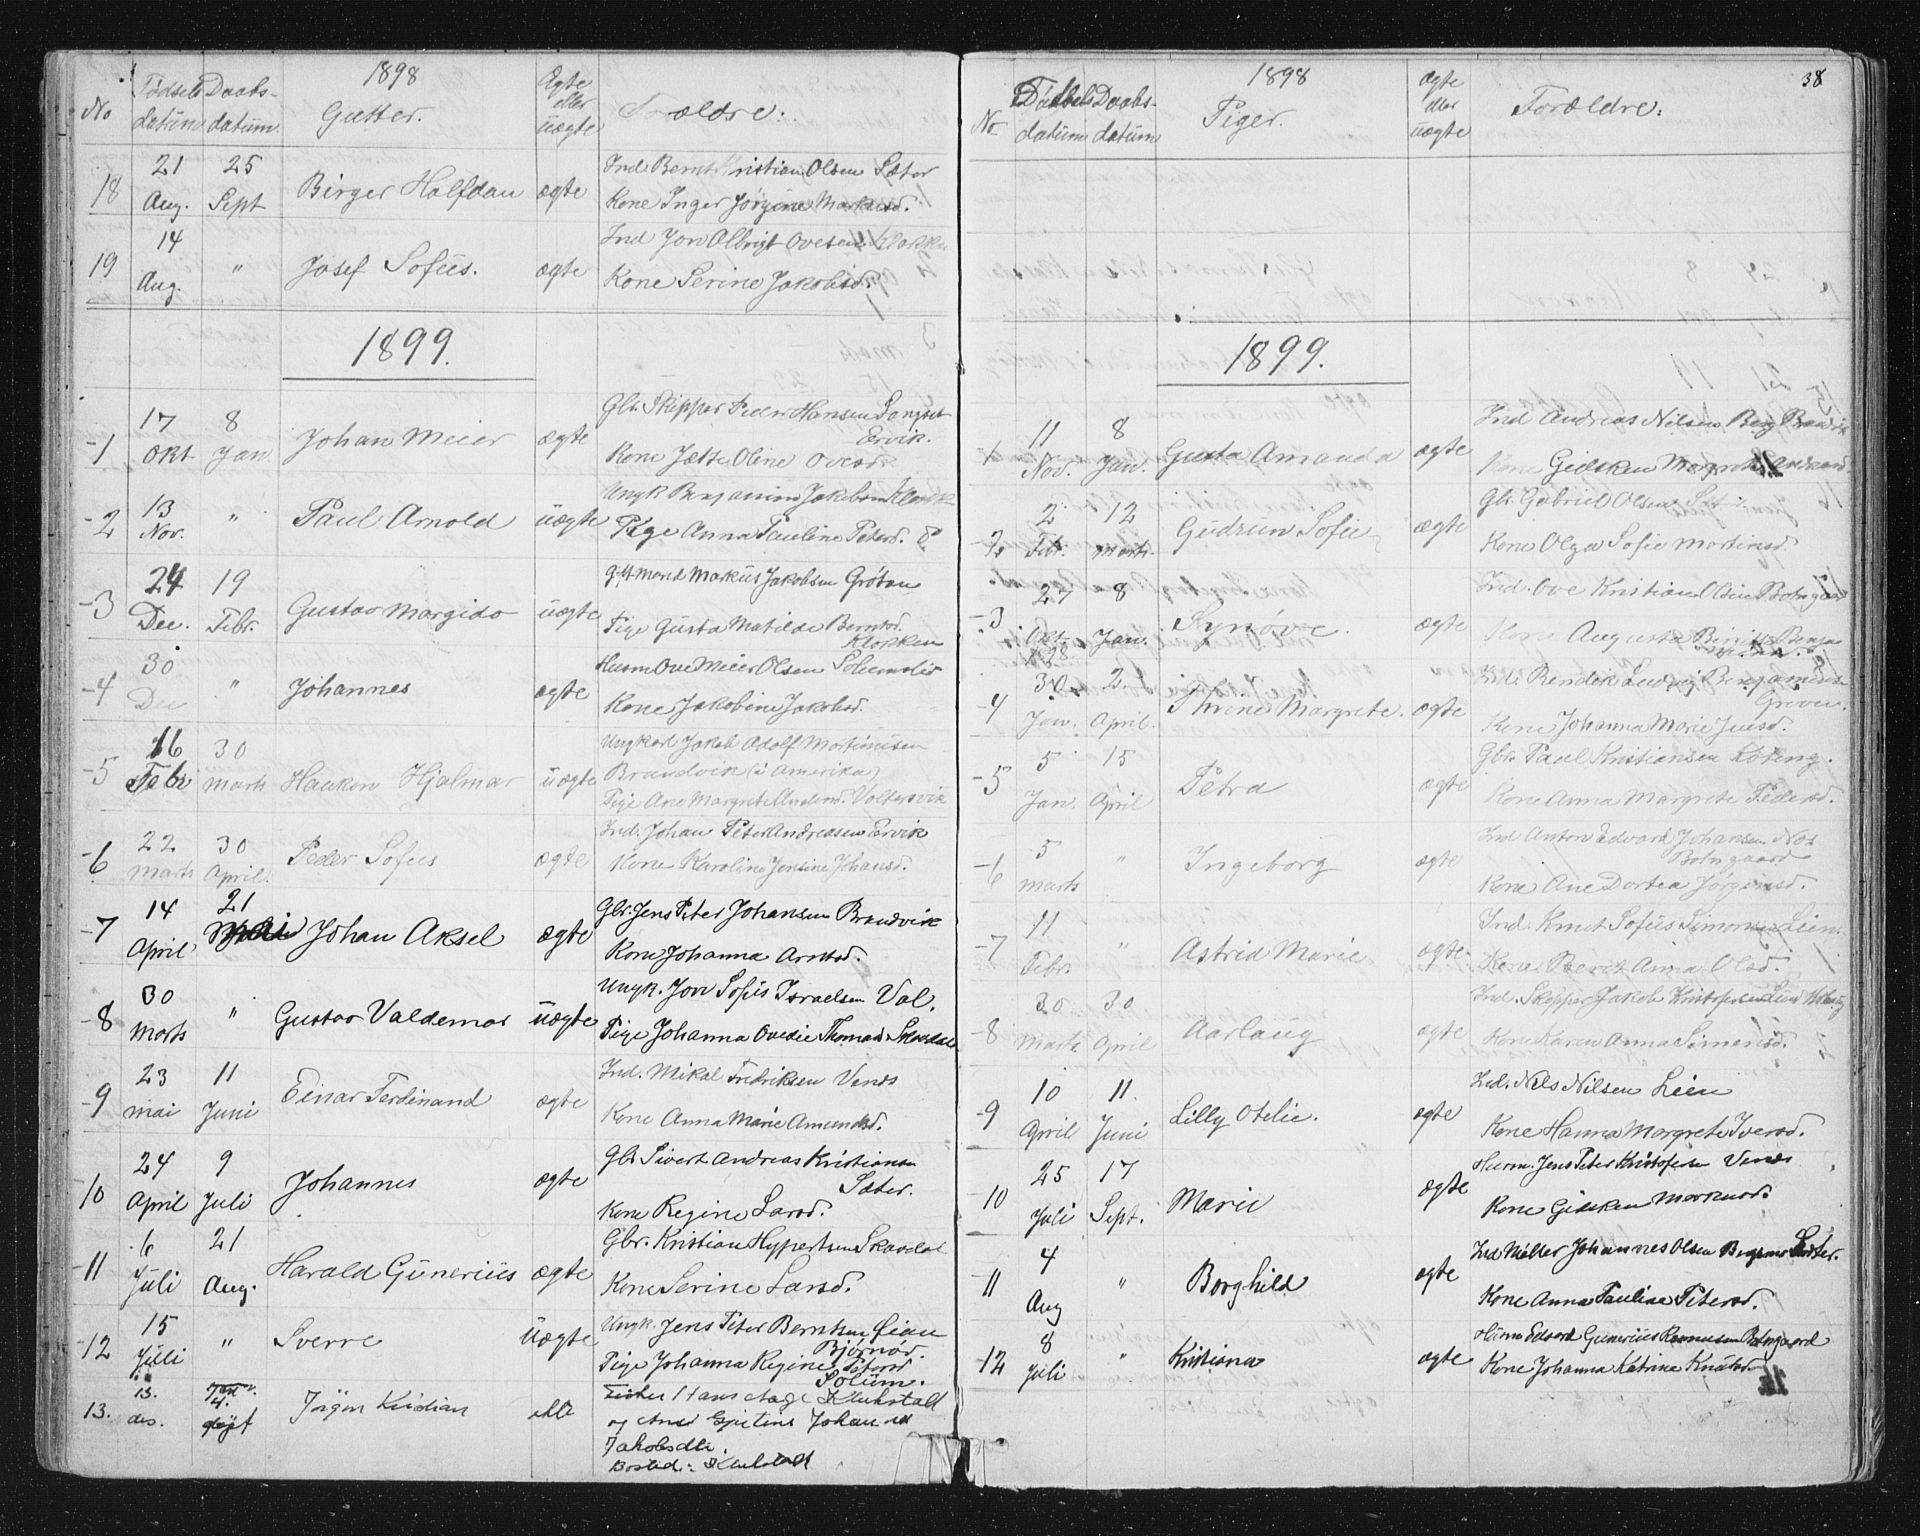 SAT, Ministerialprotokoller, klokkerbøker og fødselsregistre - Sør-Trøndelag, 651/L0647: Klokkerbok nr. 651C01, 1866-1914, s. 38